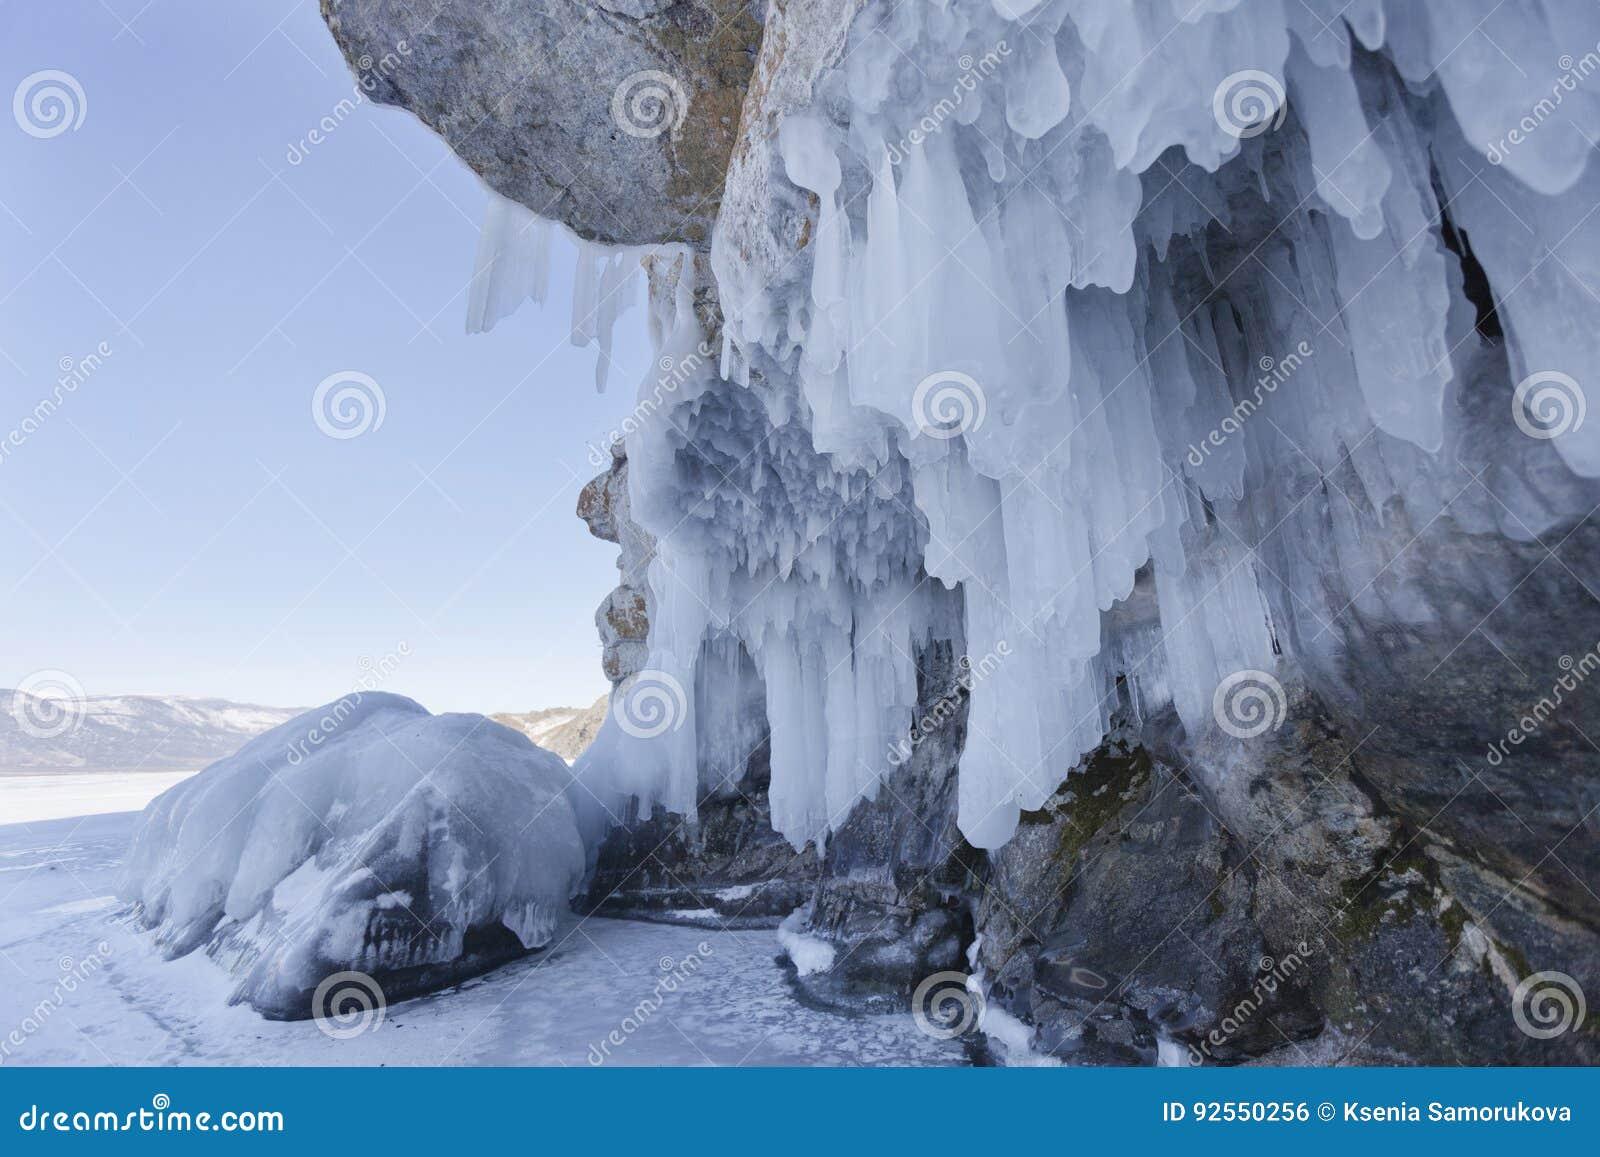 Sopel, Oltrek wyspa, Jeziorny Baikal Styczeń 33c krajobrazu Rosji zima ural temperatury